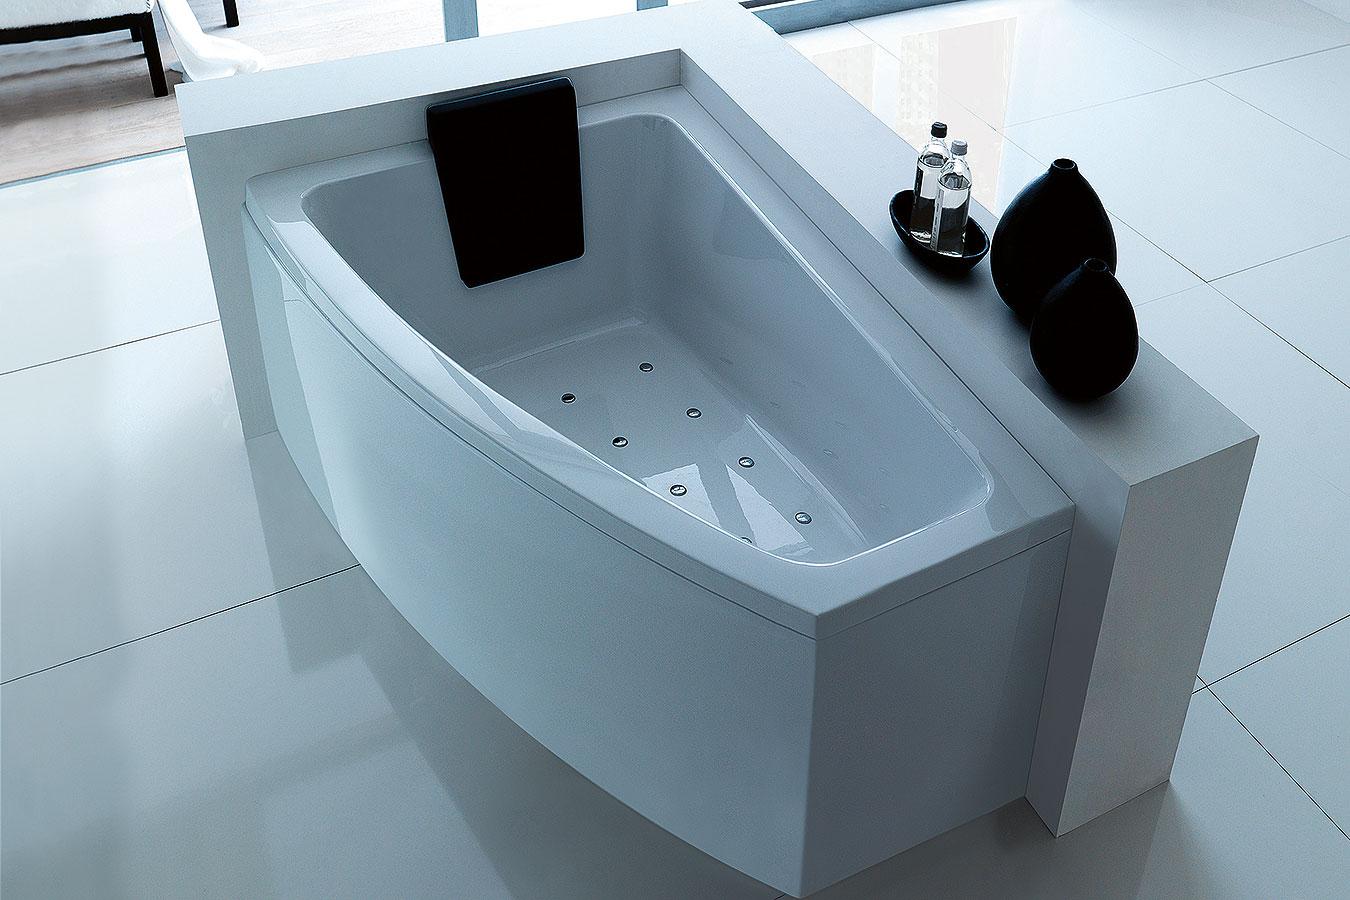 Treesse vasche prezzi boiserie in ceramica per bagno - Vasche da bagno sovrapposte prezzi ...